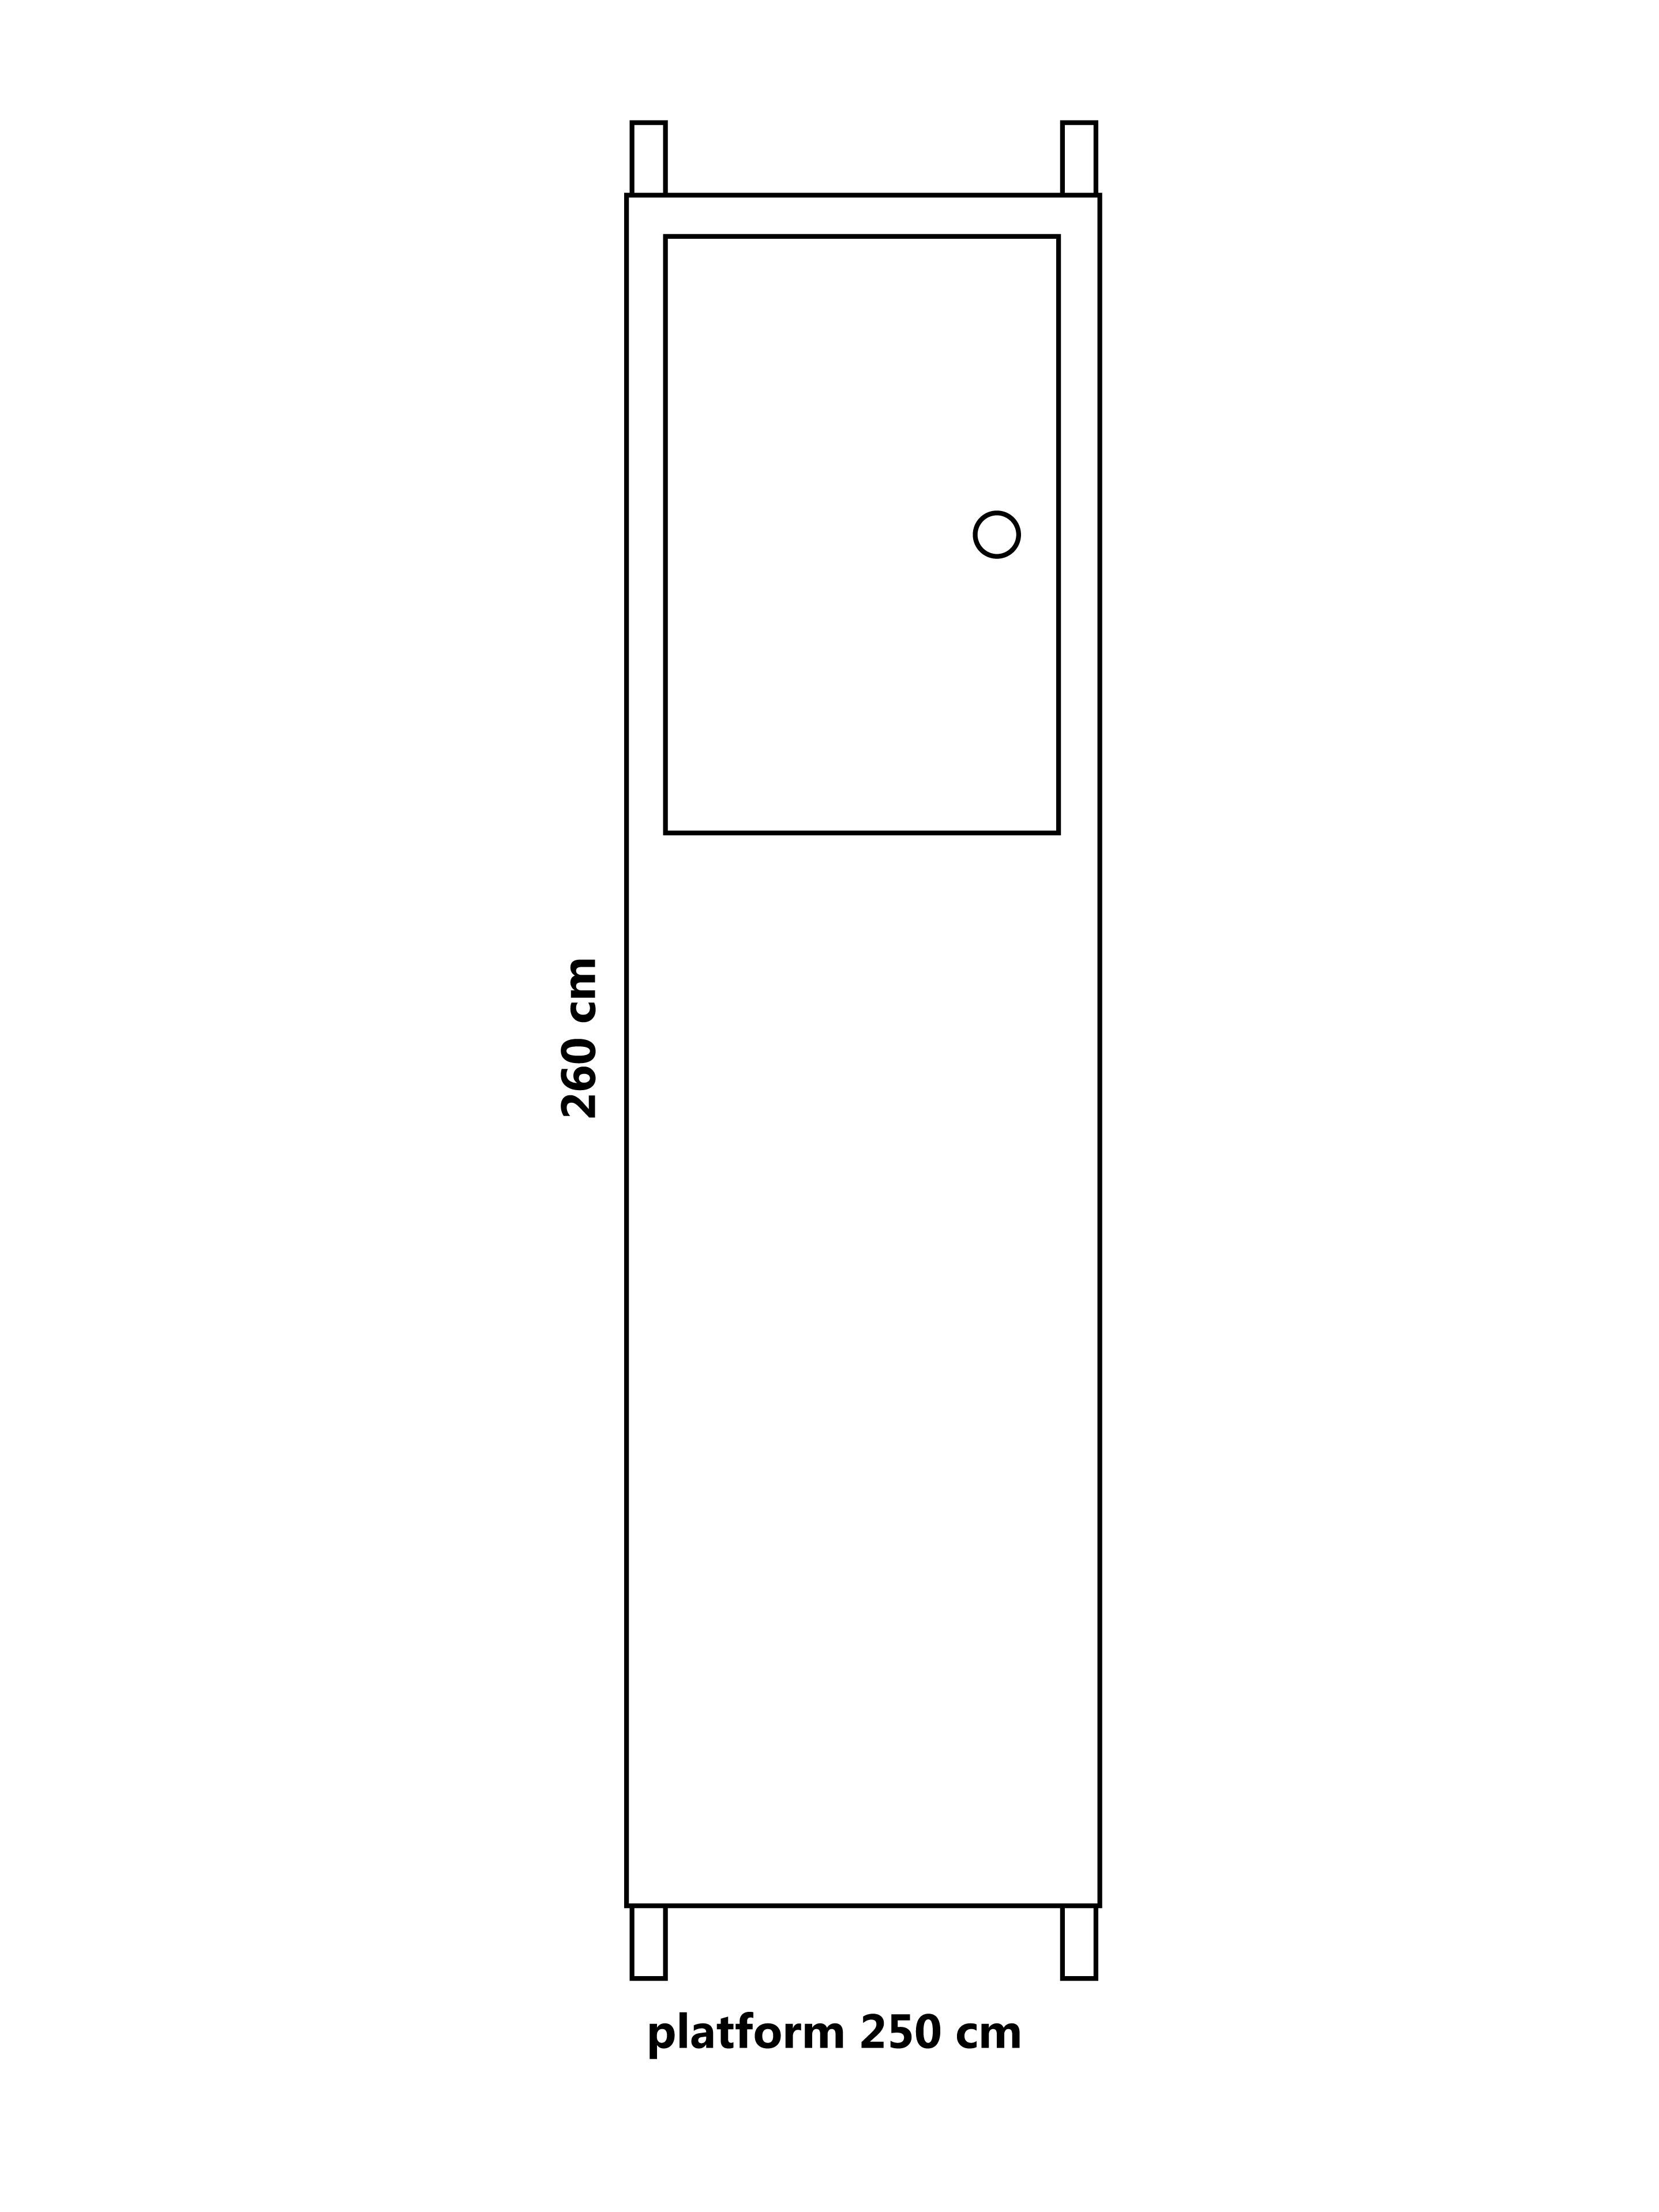 Steiger platform 250 cm